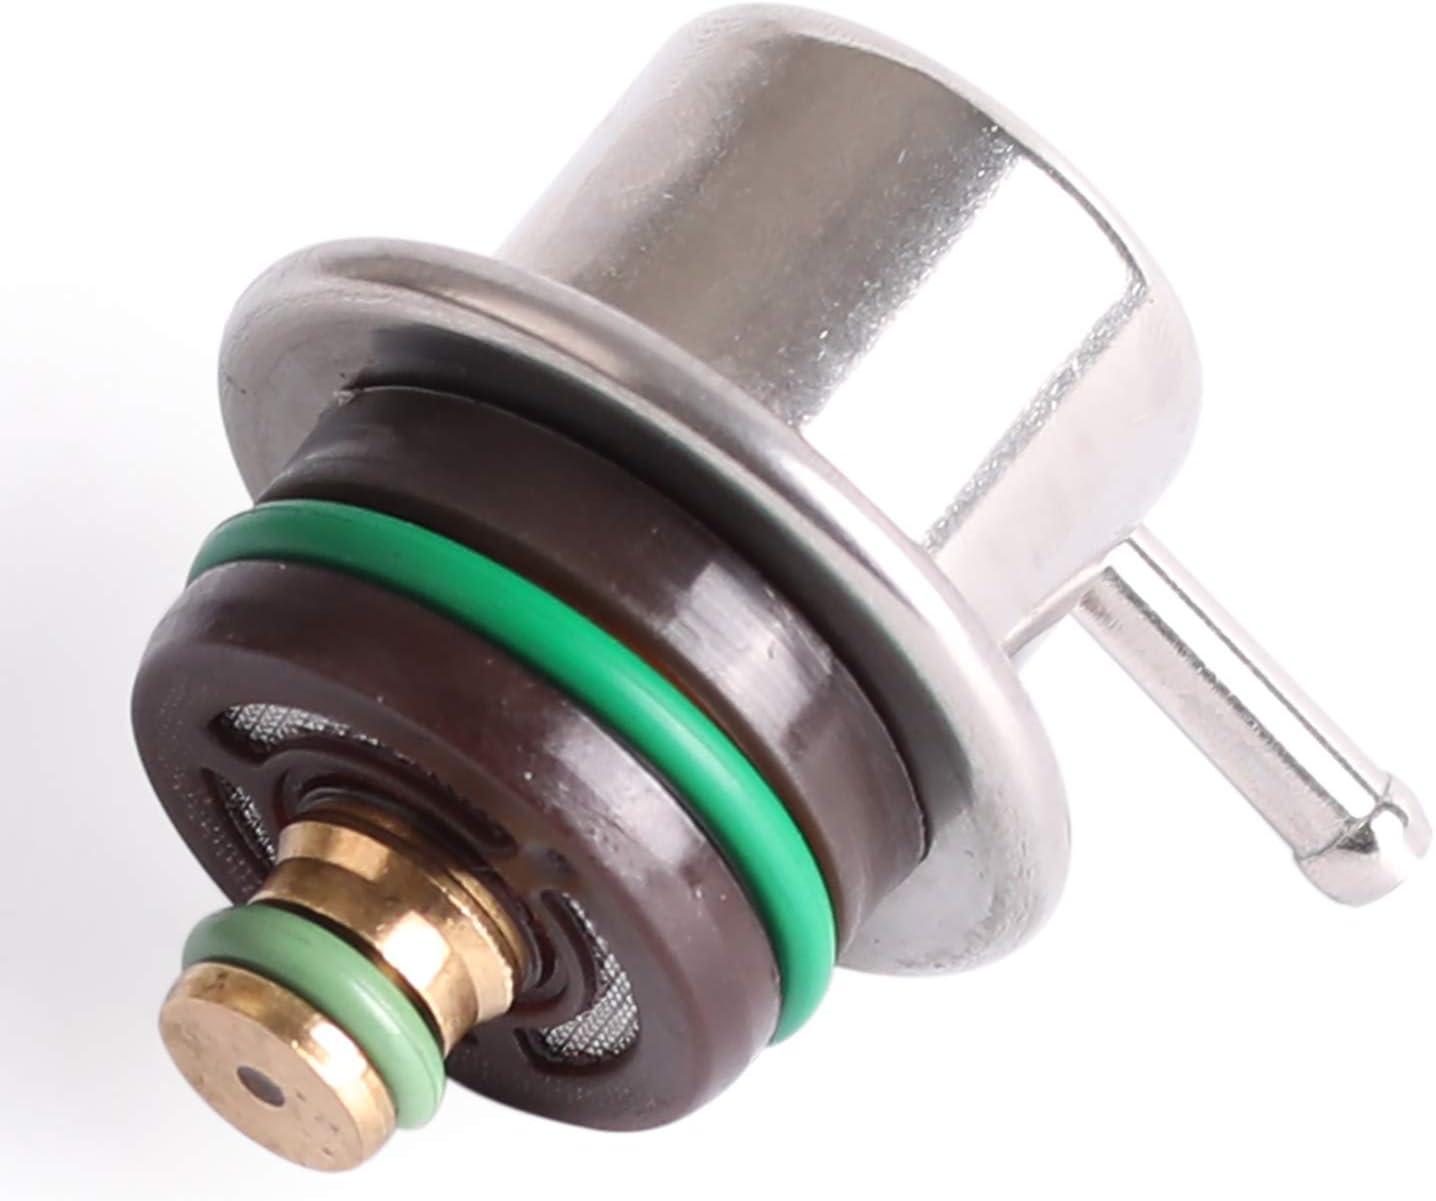 4.0Bar NEW Fuel Pressure Regulator For VOLKSWAGEN AUDI A4 A6 A8 BENZ CHANGAN 465 0280160575 95013 078133534C 078133534A 078133534